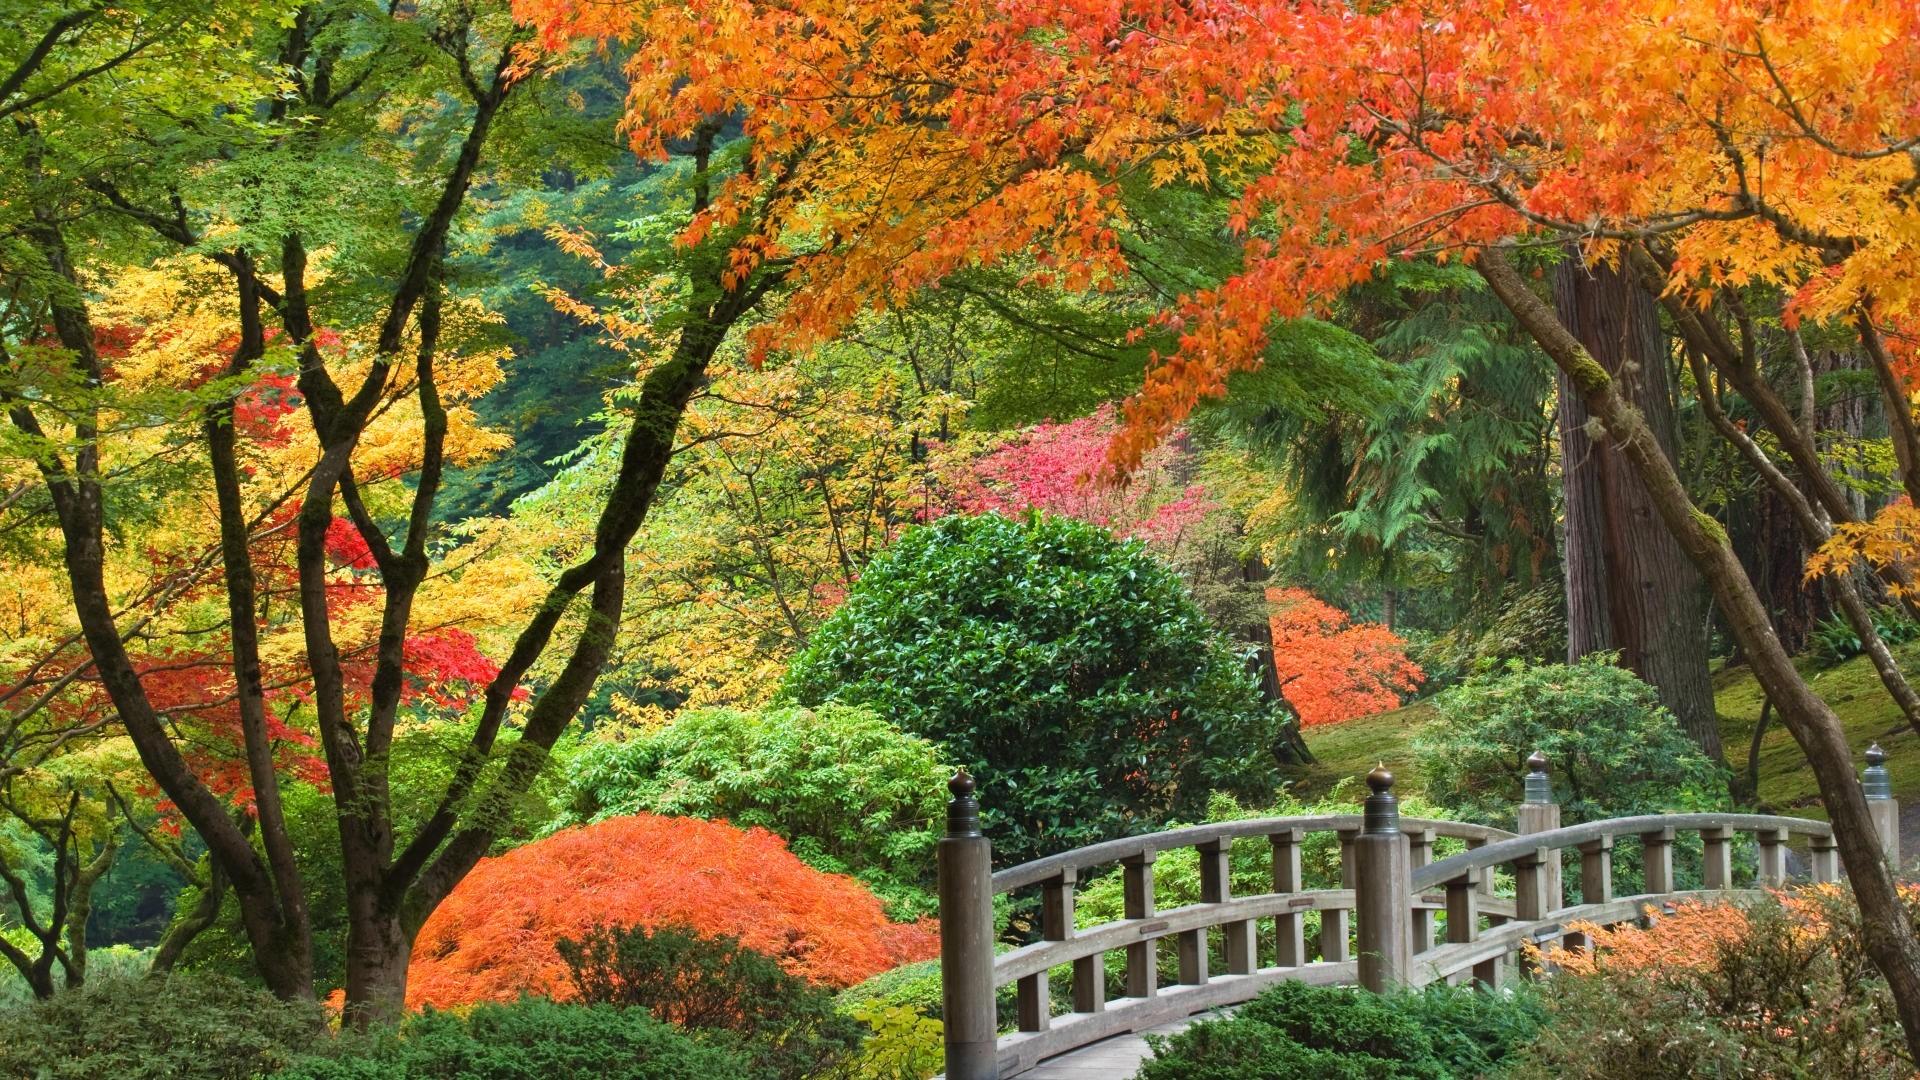 Japanese garden wallpaper 3379 1920x1080